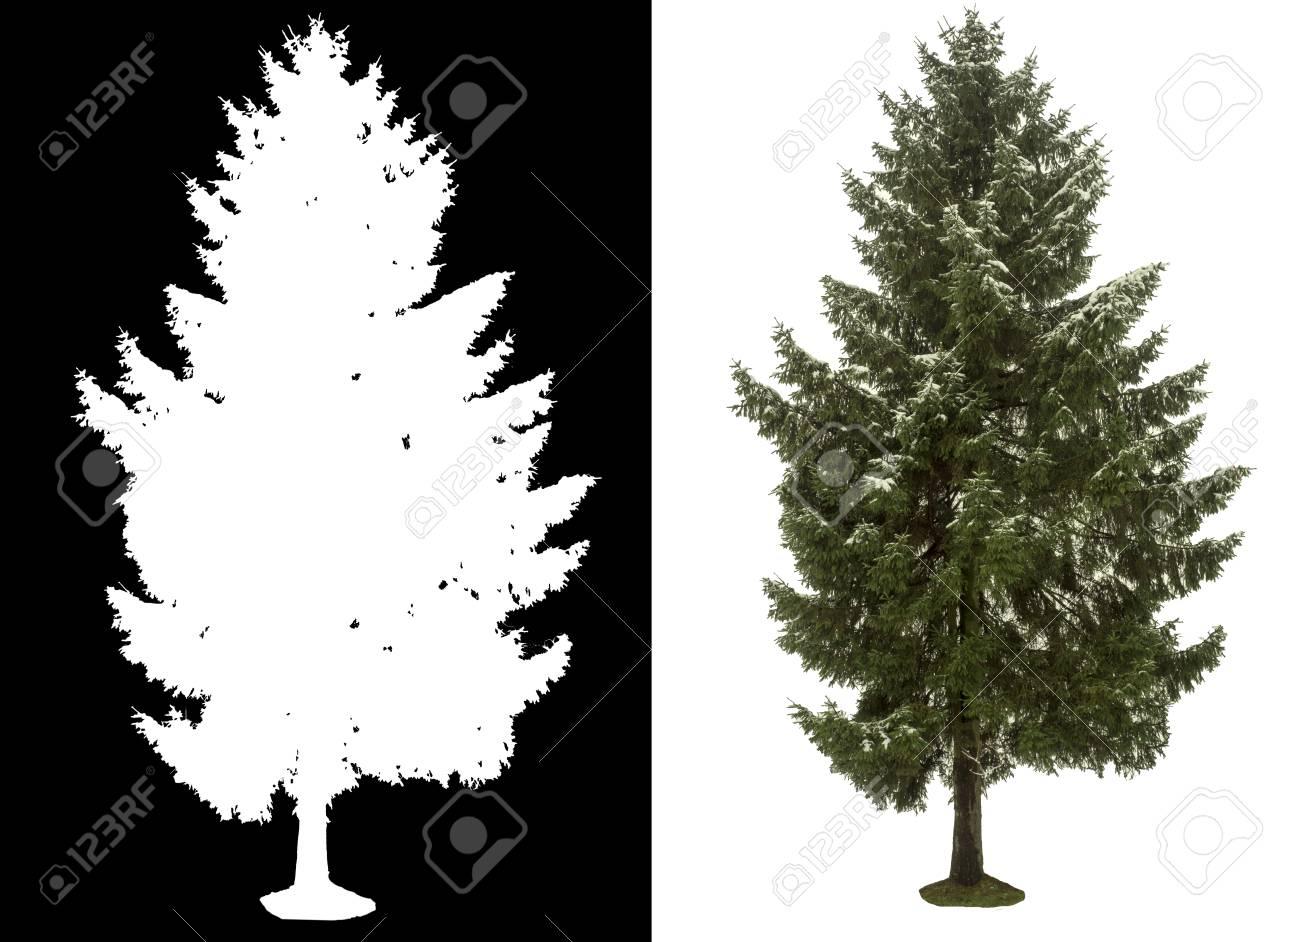 pine tree on white